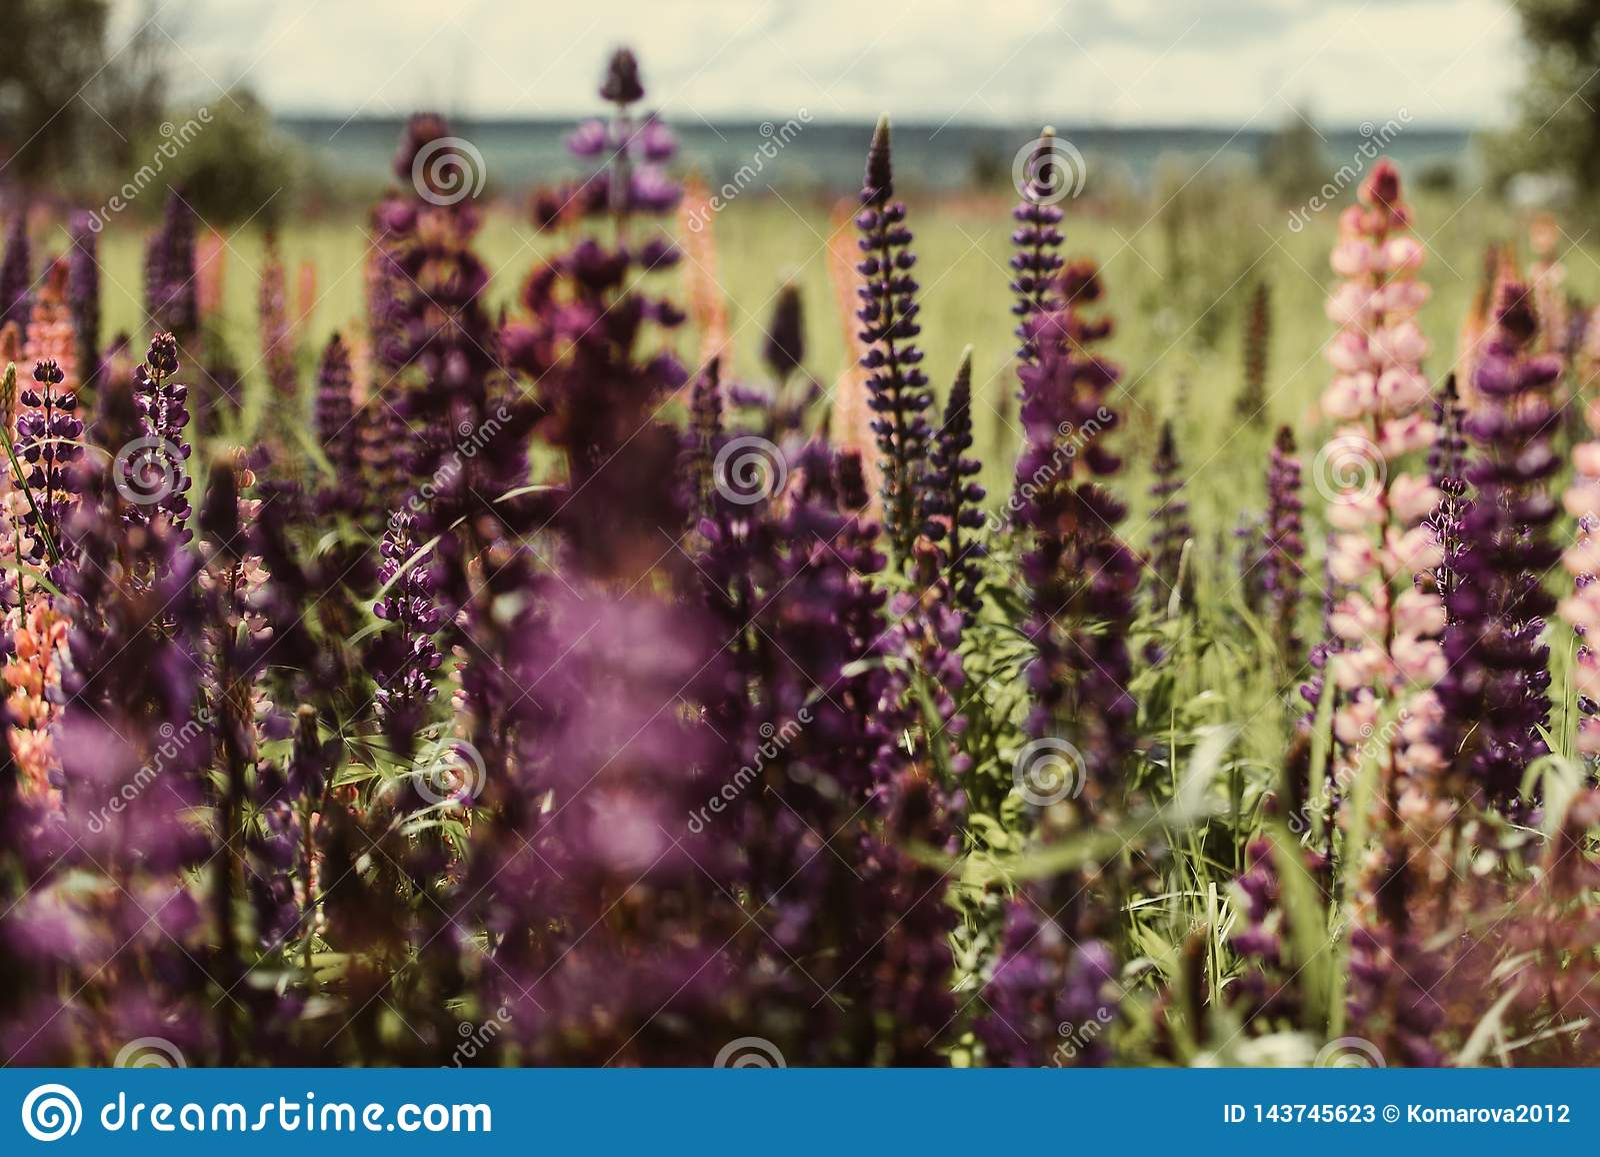 Campo floreciente de lupines púrpuras y rosados